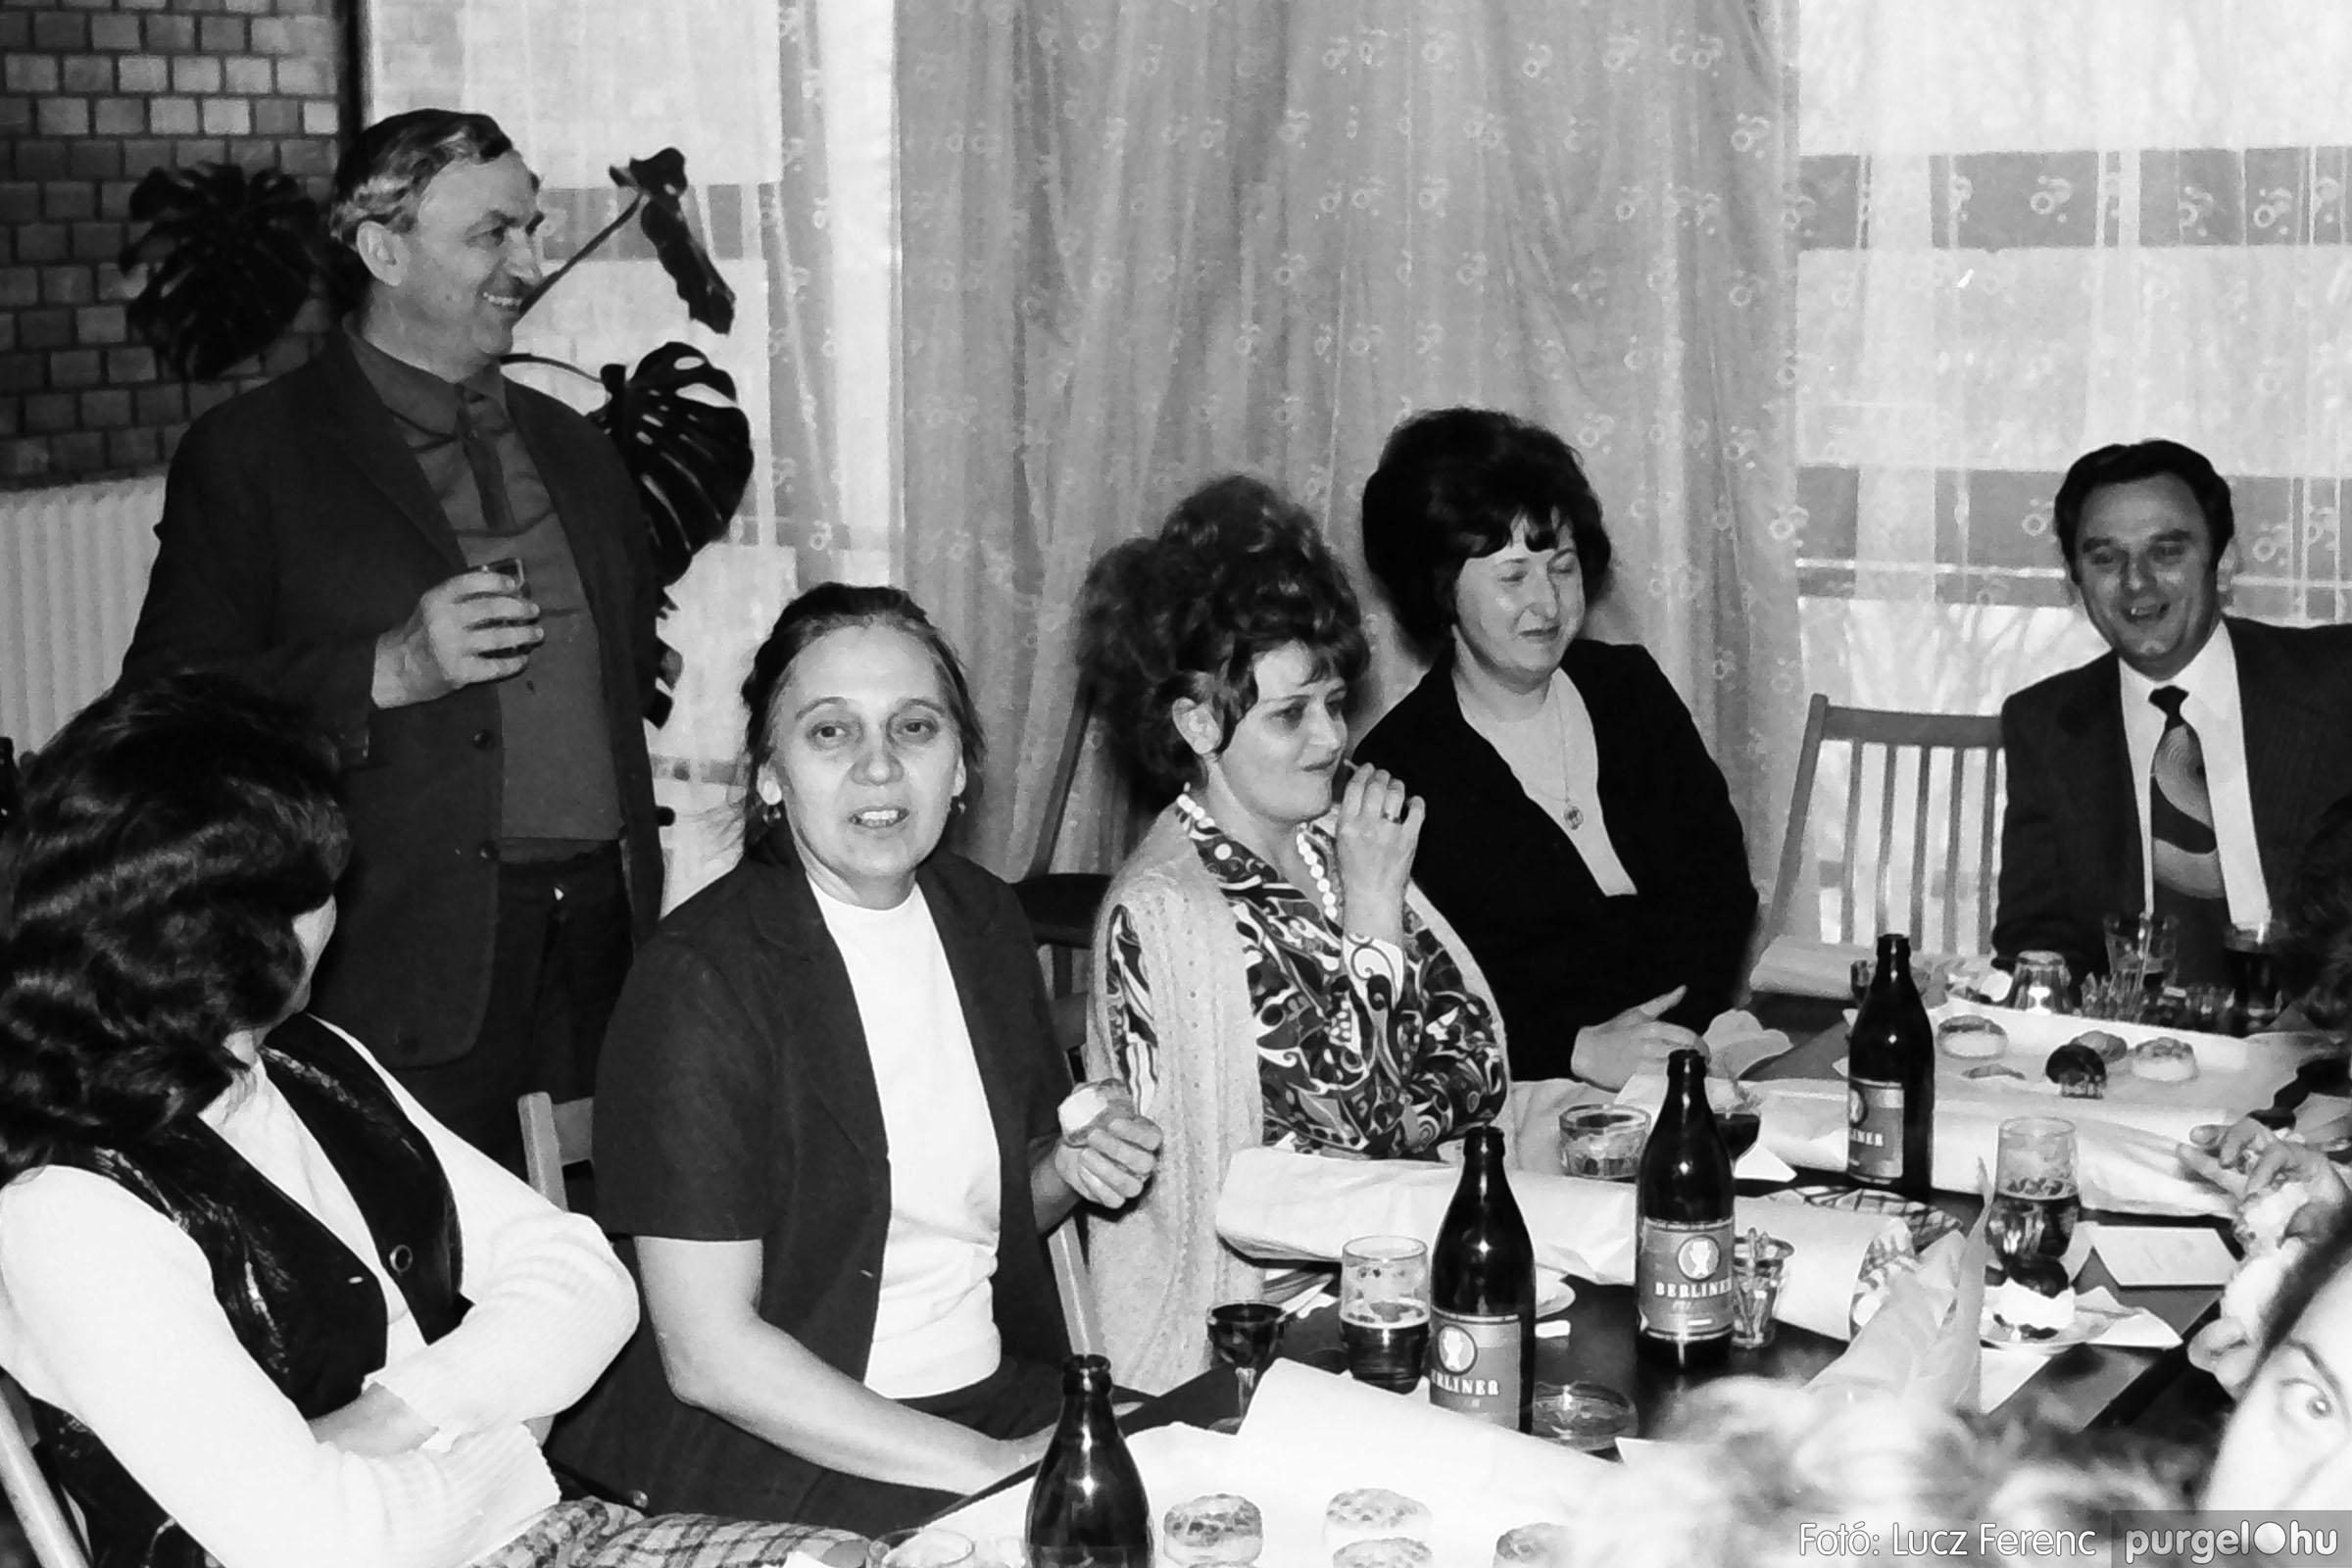 037. 1976. Összejövetel a tanácsházban 006 - Fotó: Lucz Ferenc.jpg